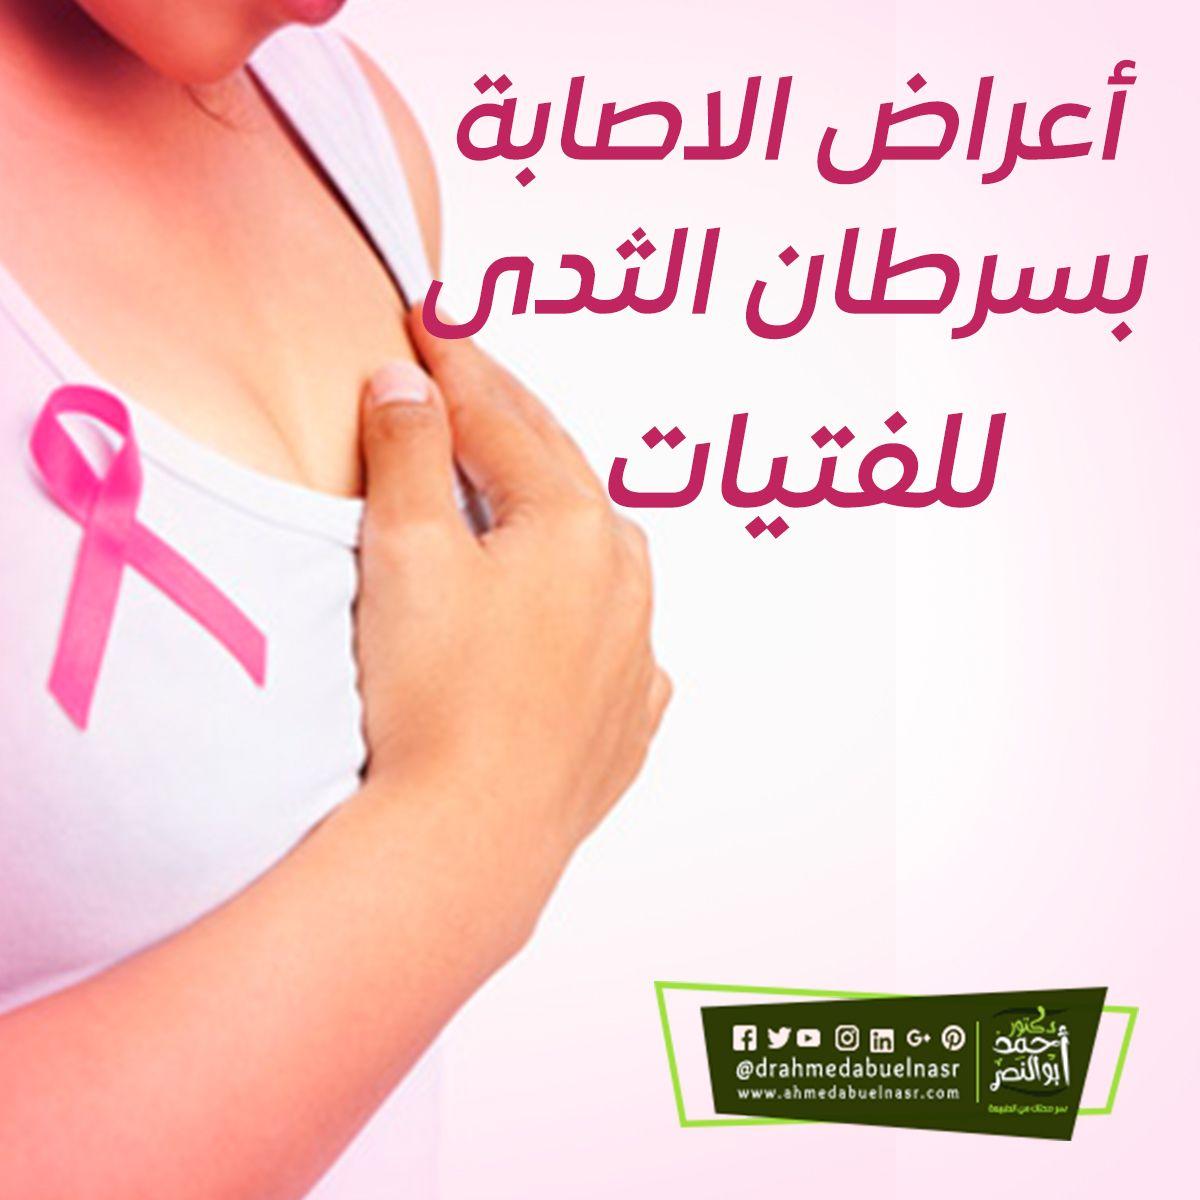 اعراض واسباب سرطان الثدي عند الفتيات الدكتور احمد ابو النصر Camisole Top Women Women S Top